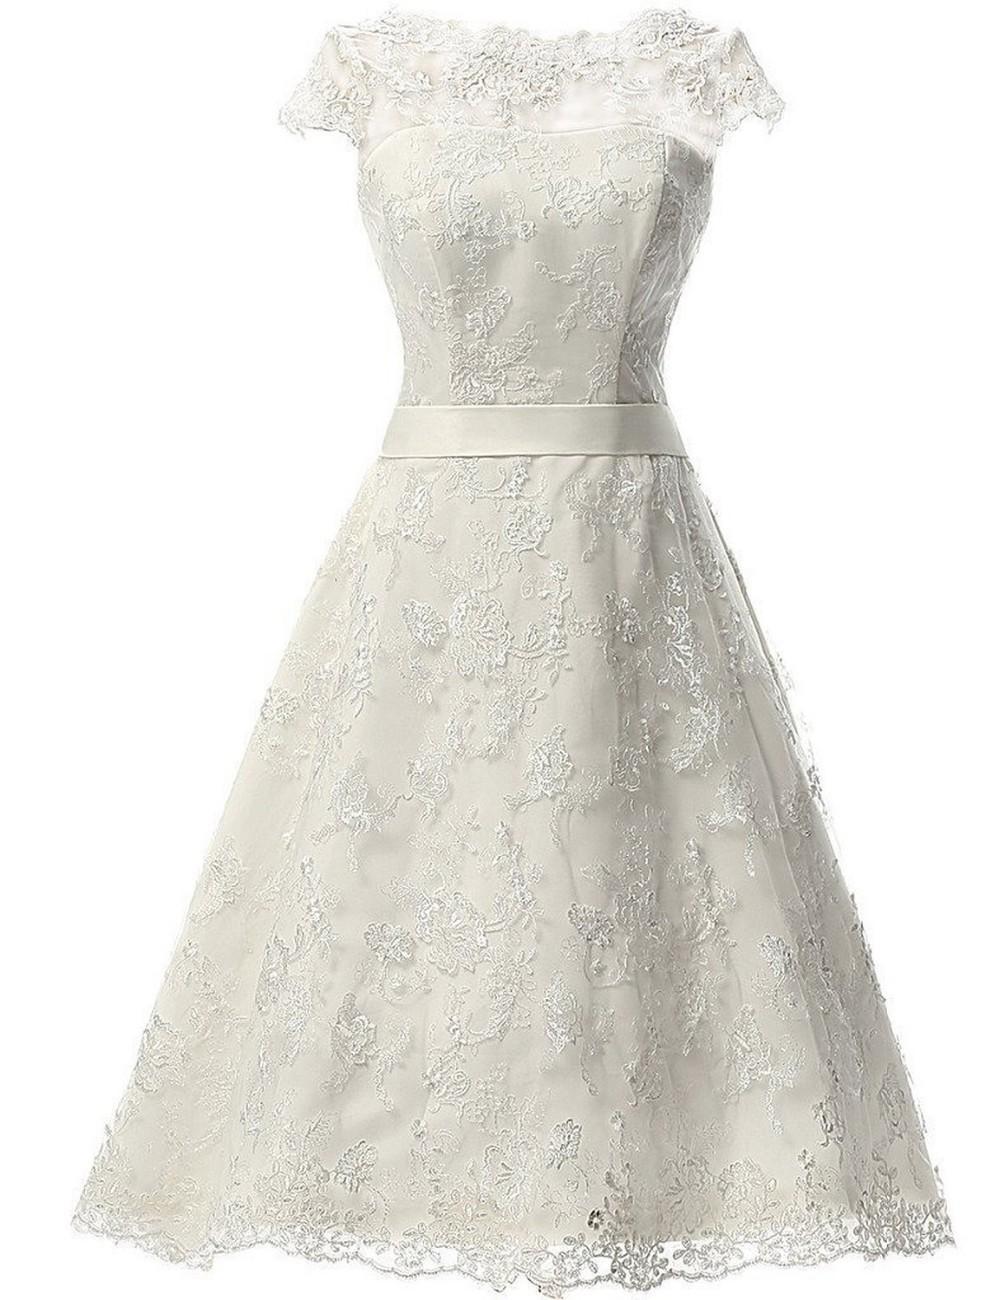 Krátke svadobné/popolnoč. šaty-15 veľkostí-3 farby - Obrázok č. 3